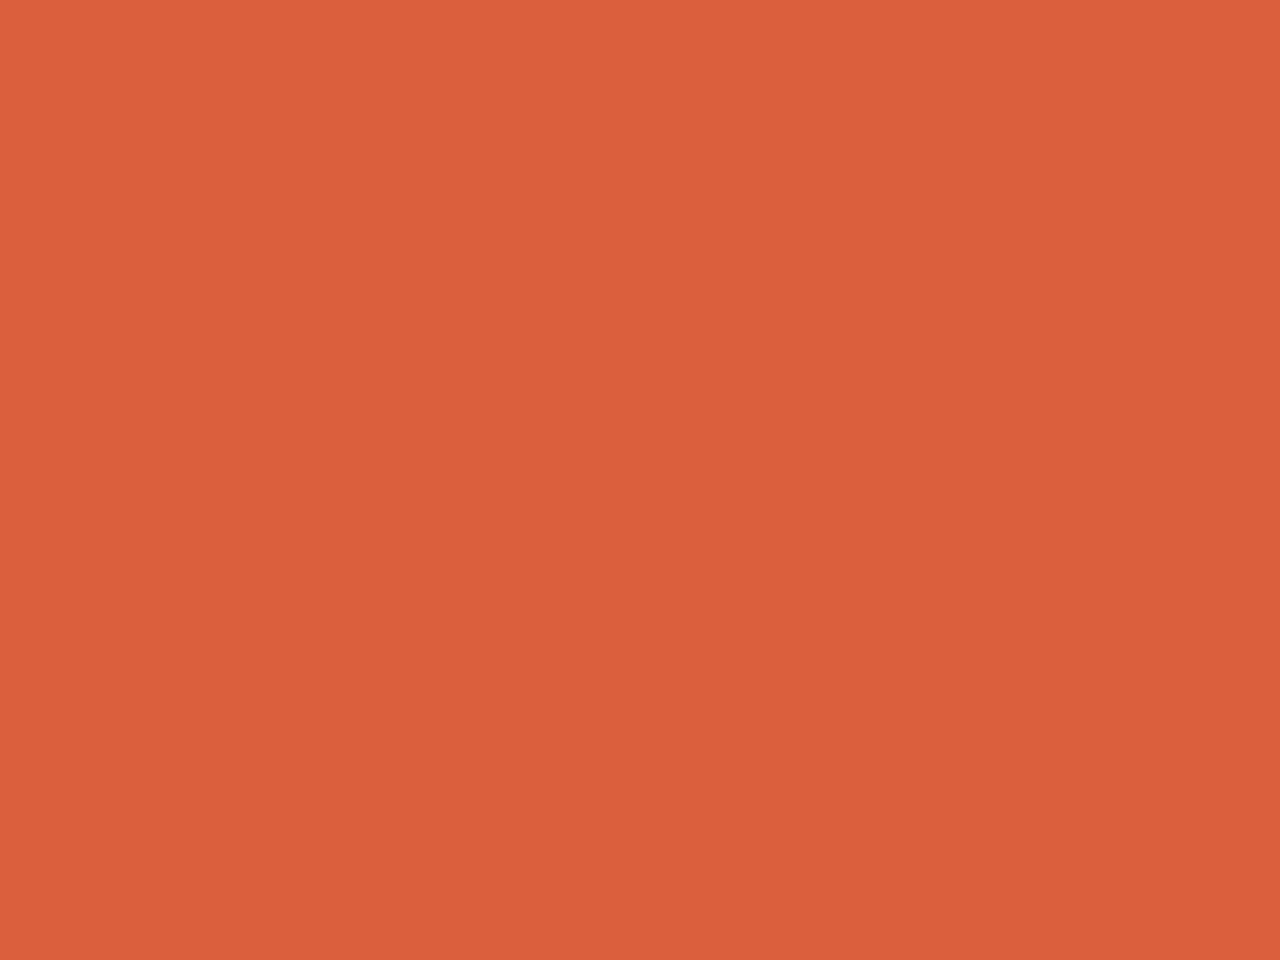 1280x960 Vermilion Plochere Solid Color Background